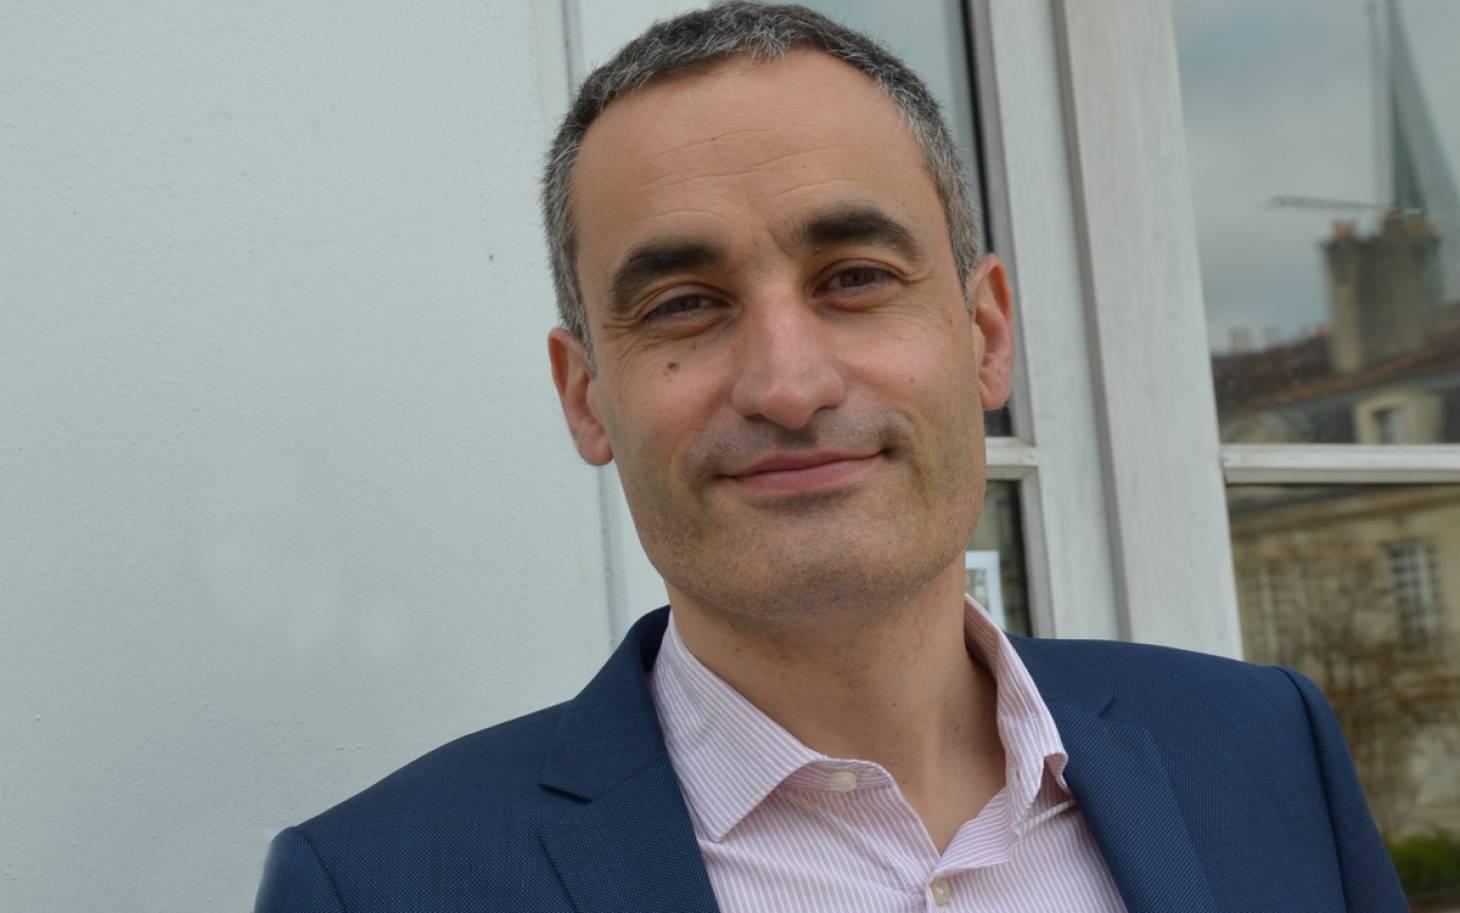 Régionales/Premier tour - Nicolas Thierry pour un rassemblement sous conditions